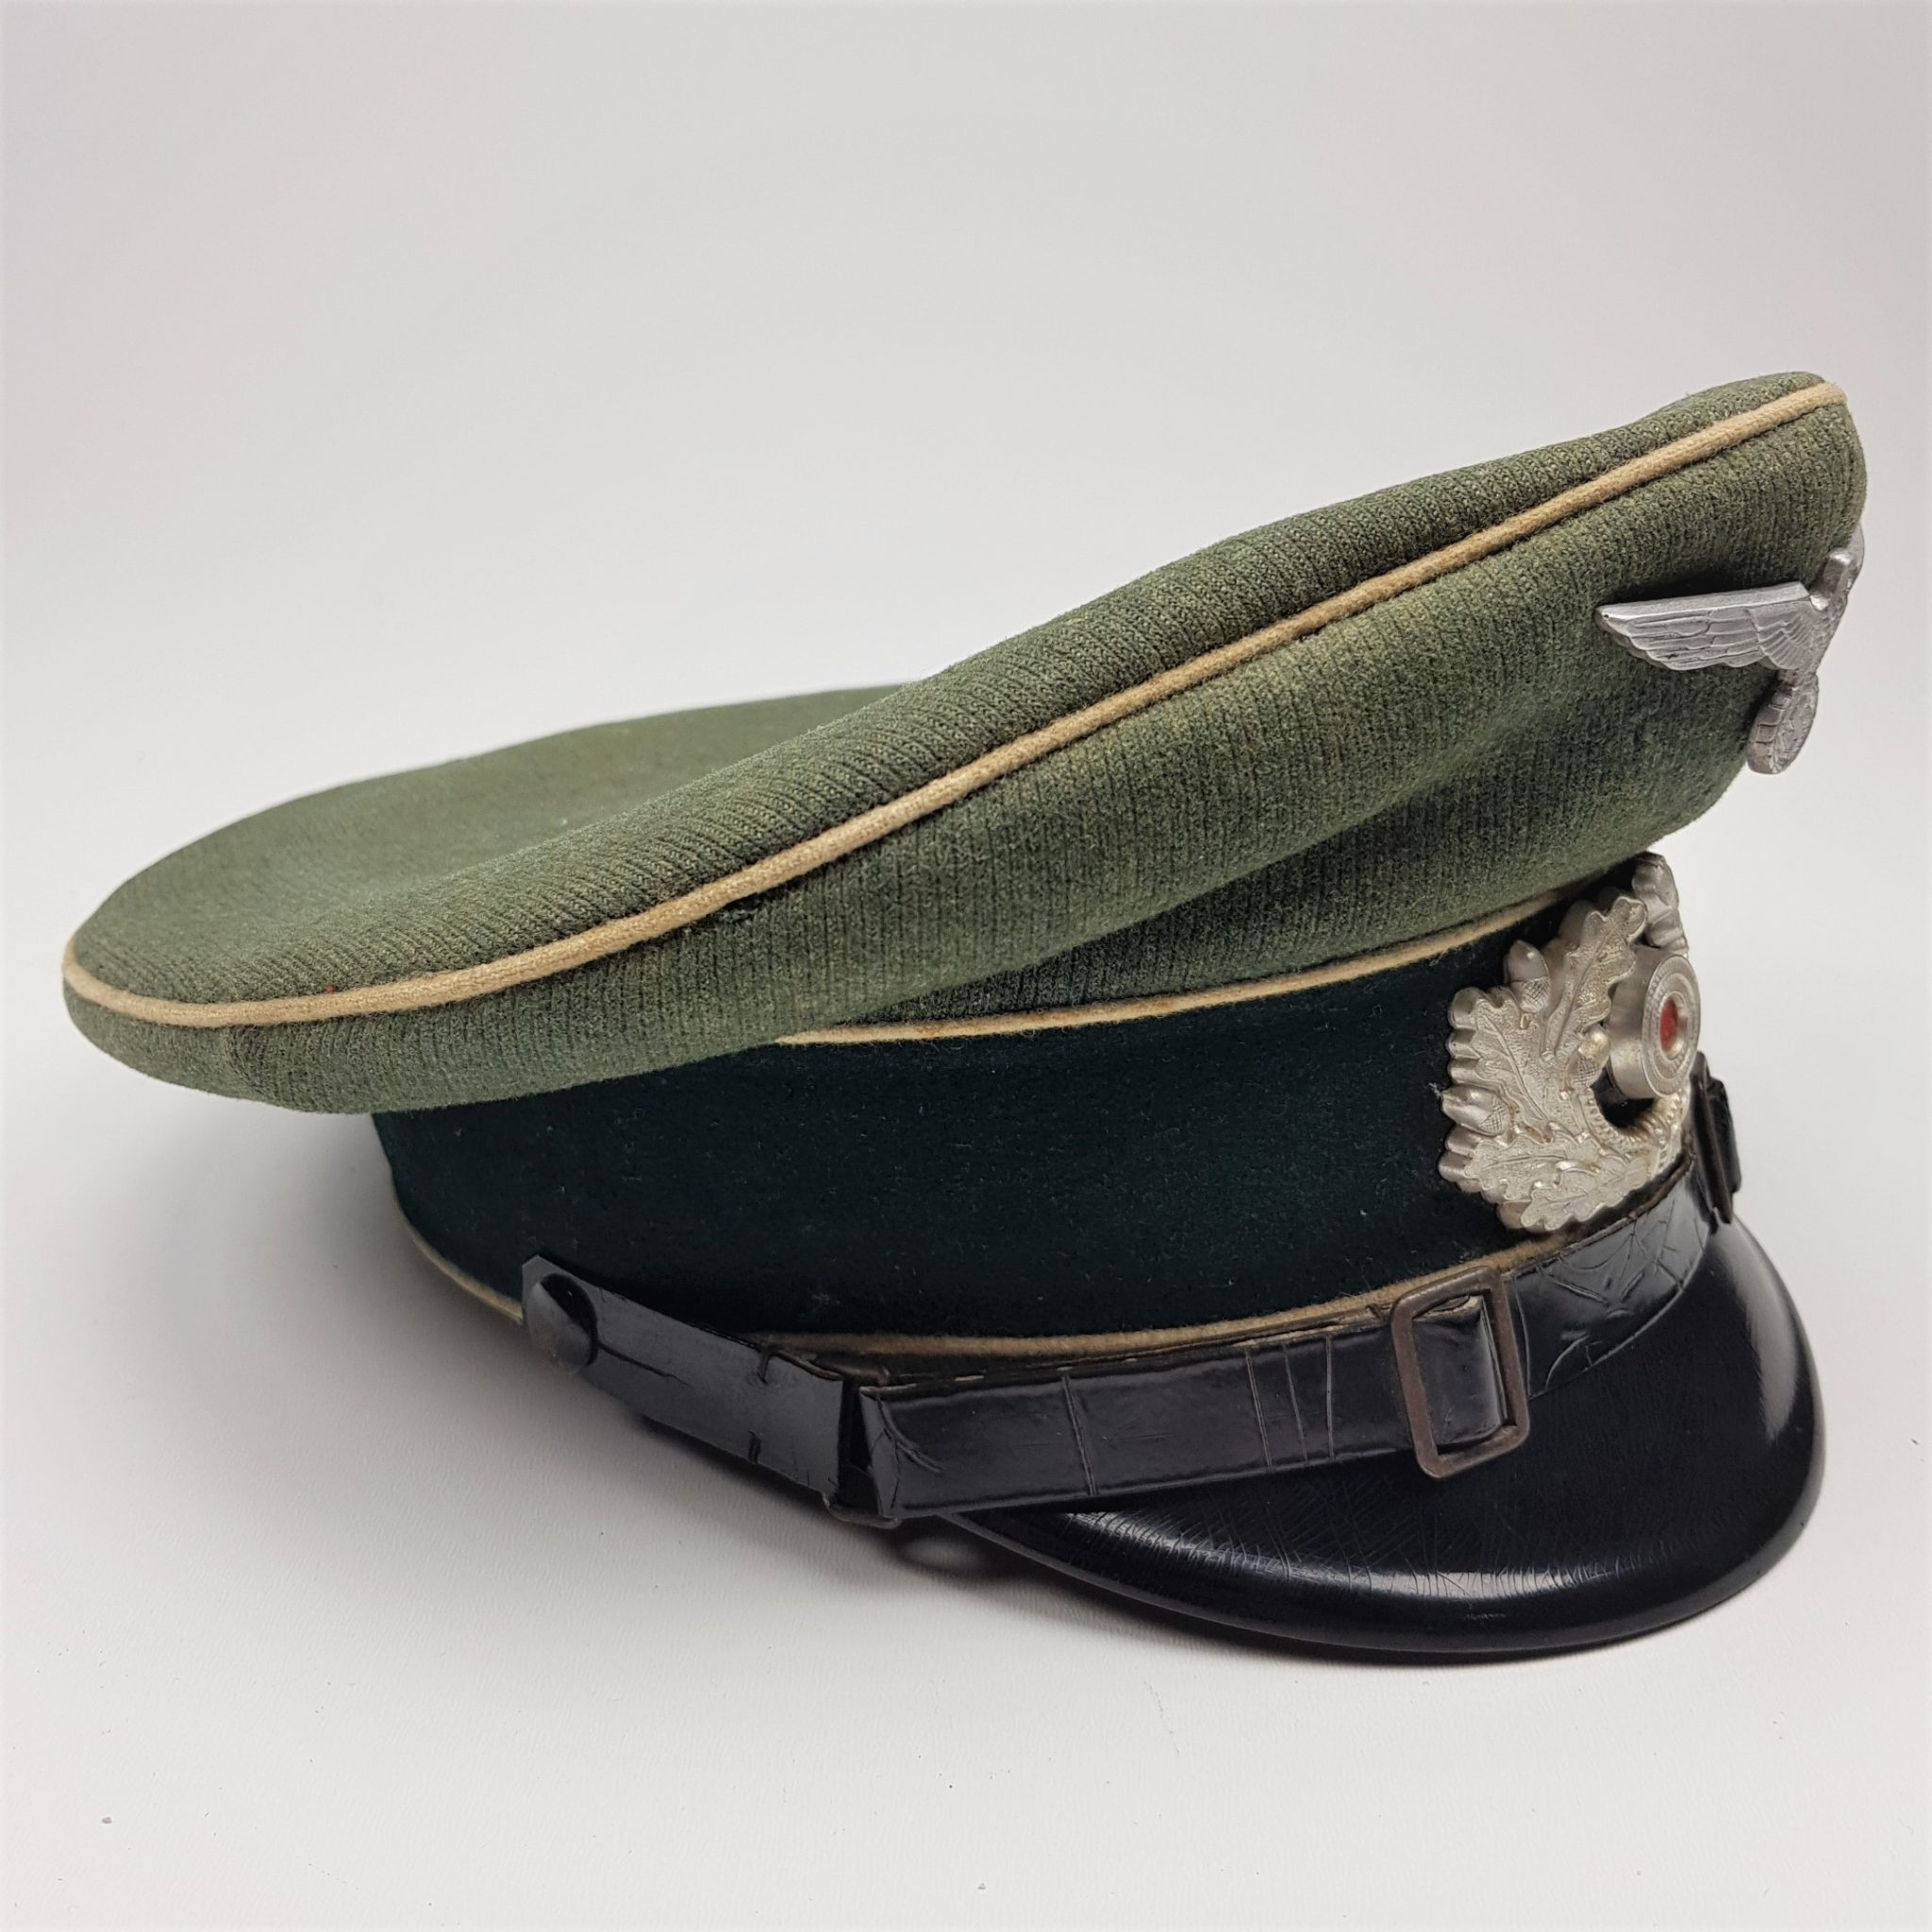 af63d49a25f German infantry NCO visor cap - Holding History